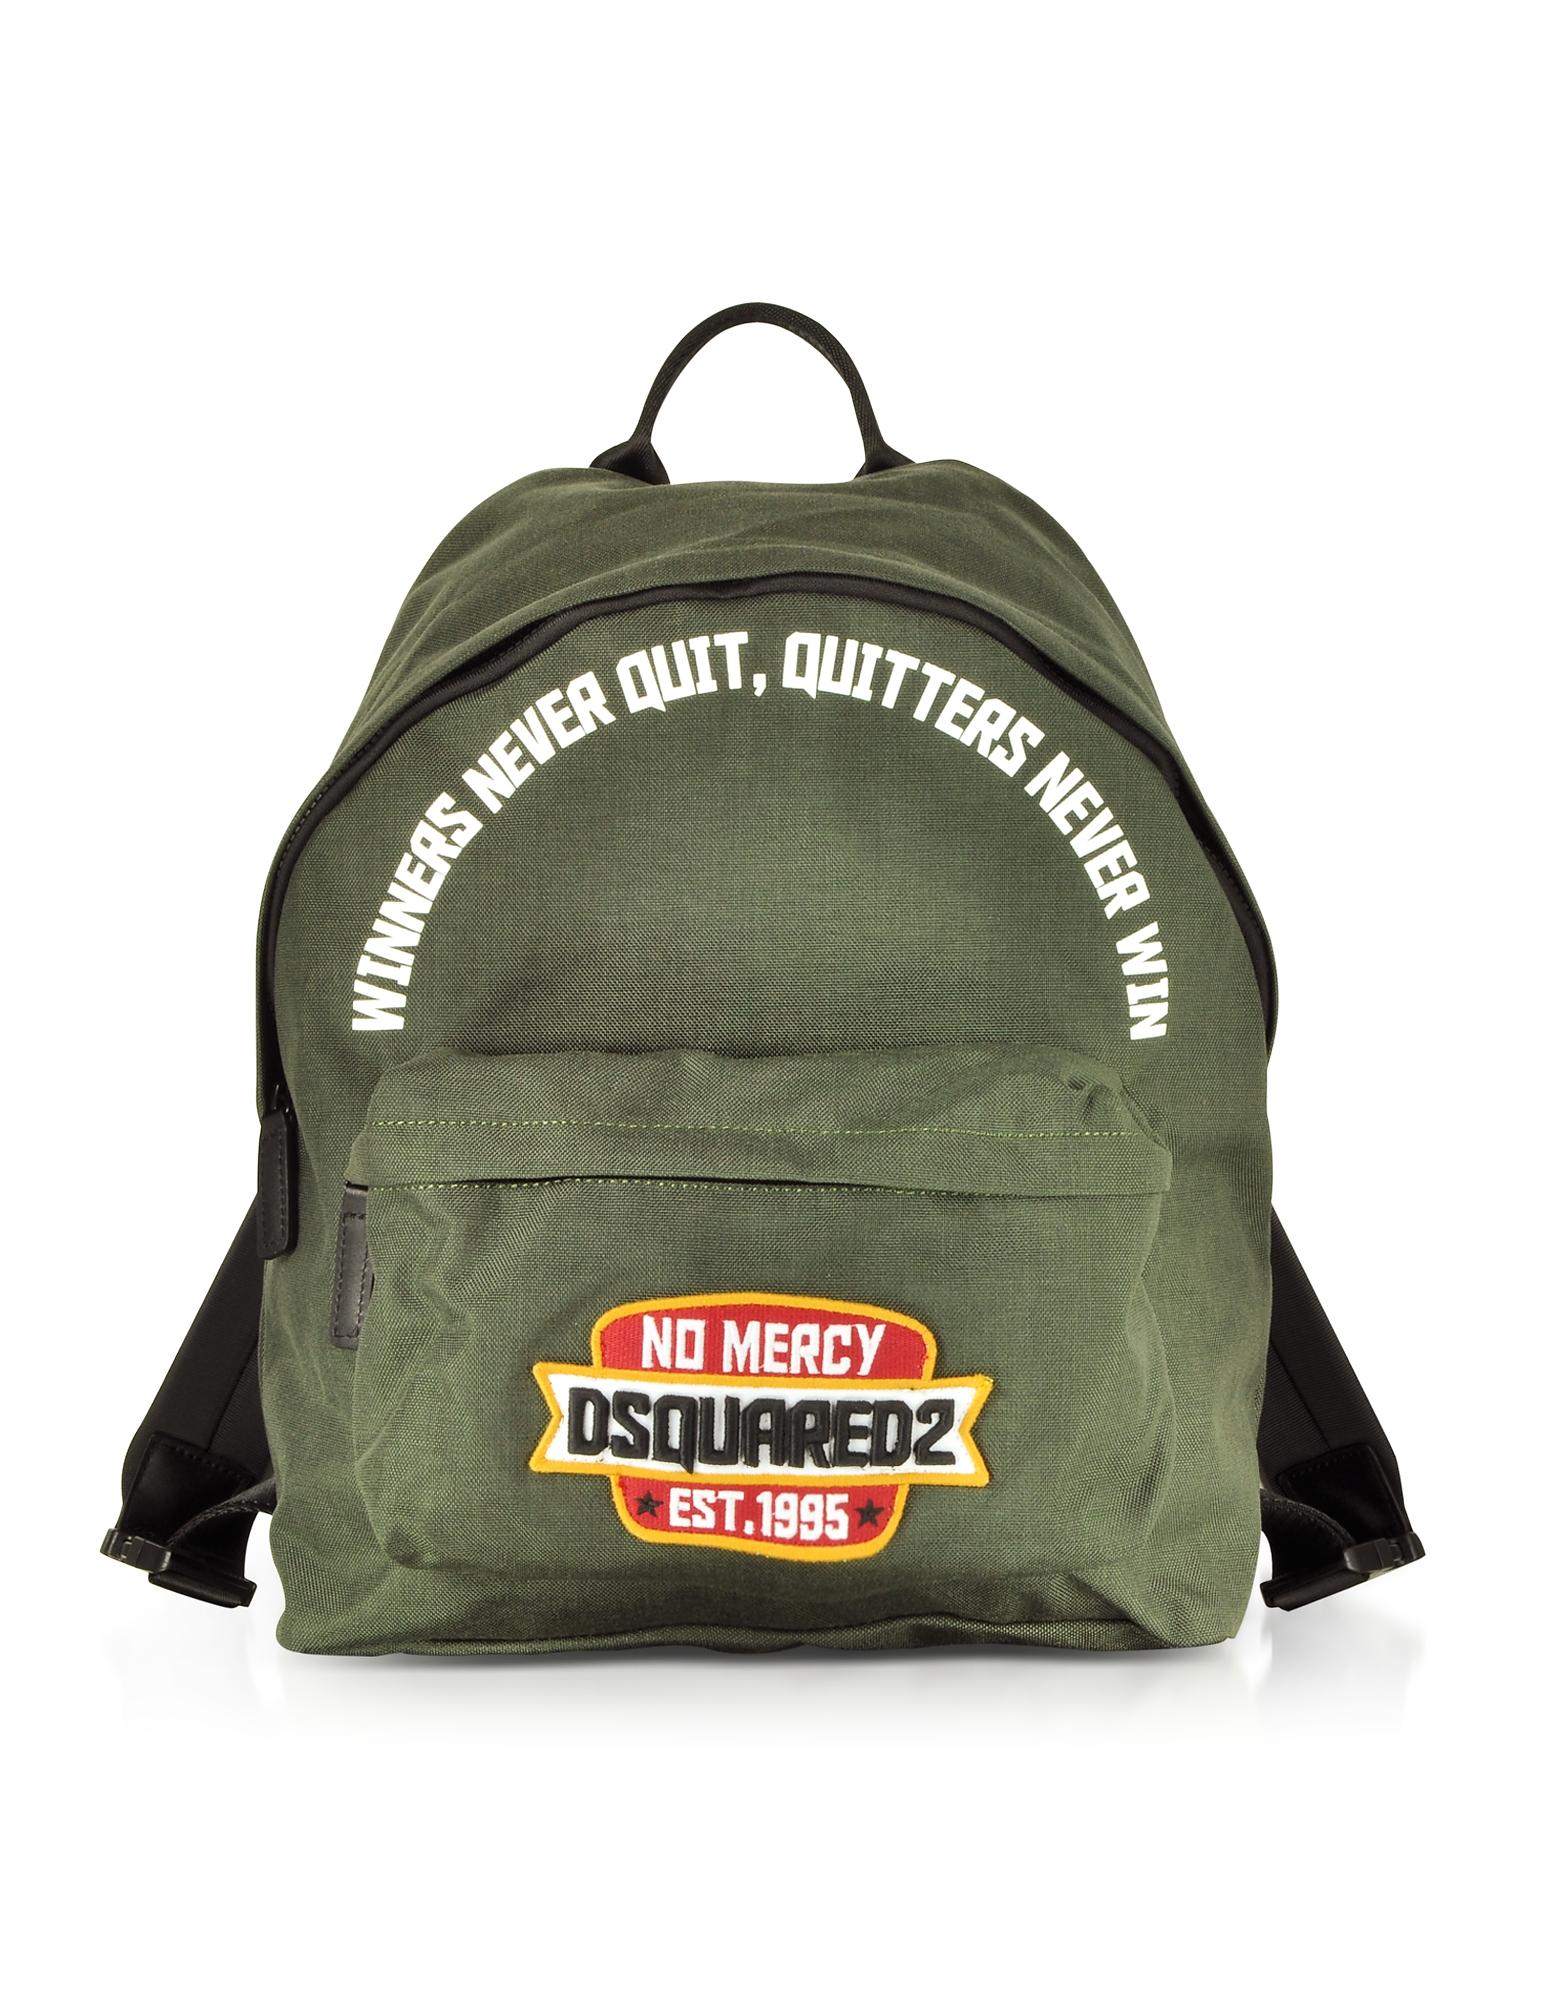 Khaki Nylon Medium Backpack w/No Mercy Patch